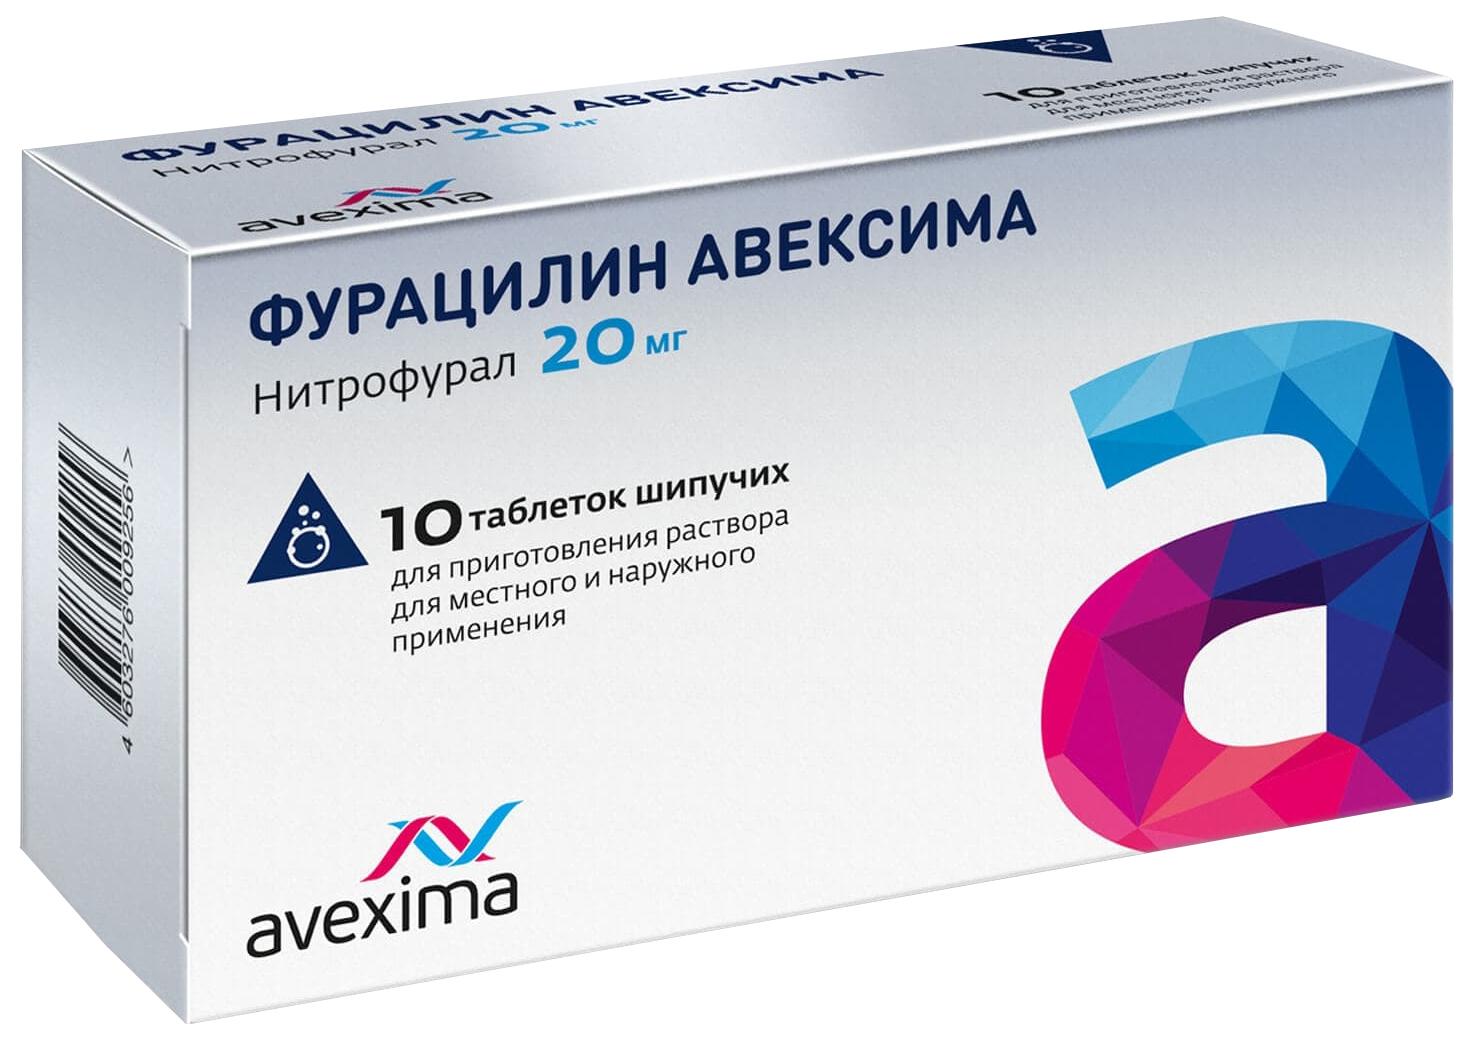 Фурацилин Авексима таблетки шип. для р-ра 20 мг №10